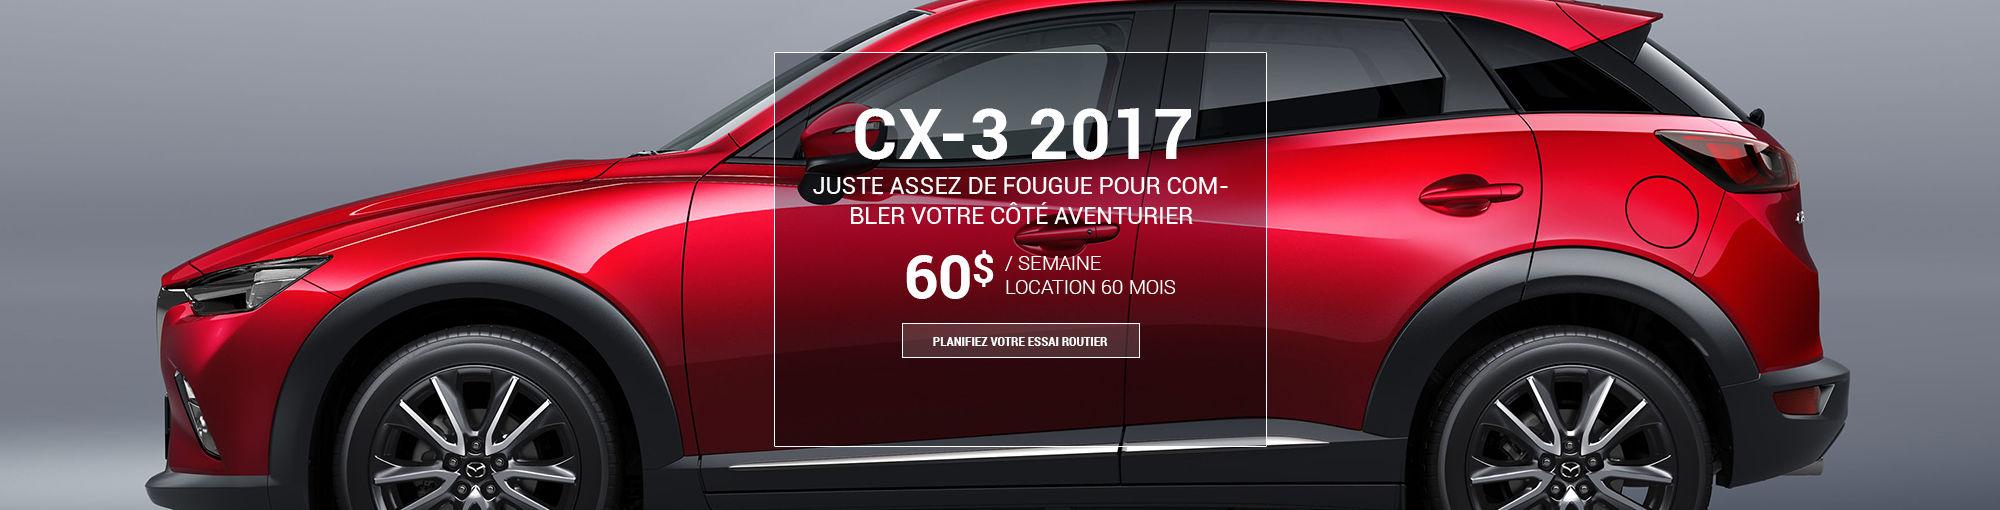 CX3 2017 - décembre 2016